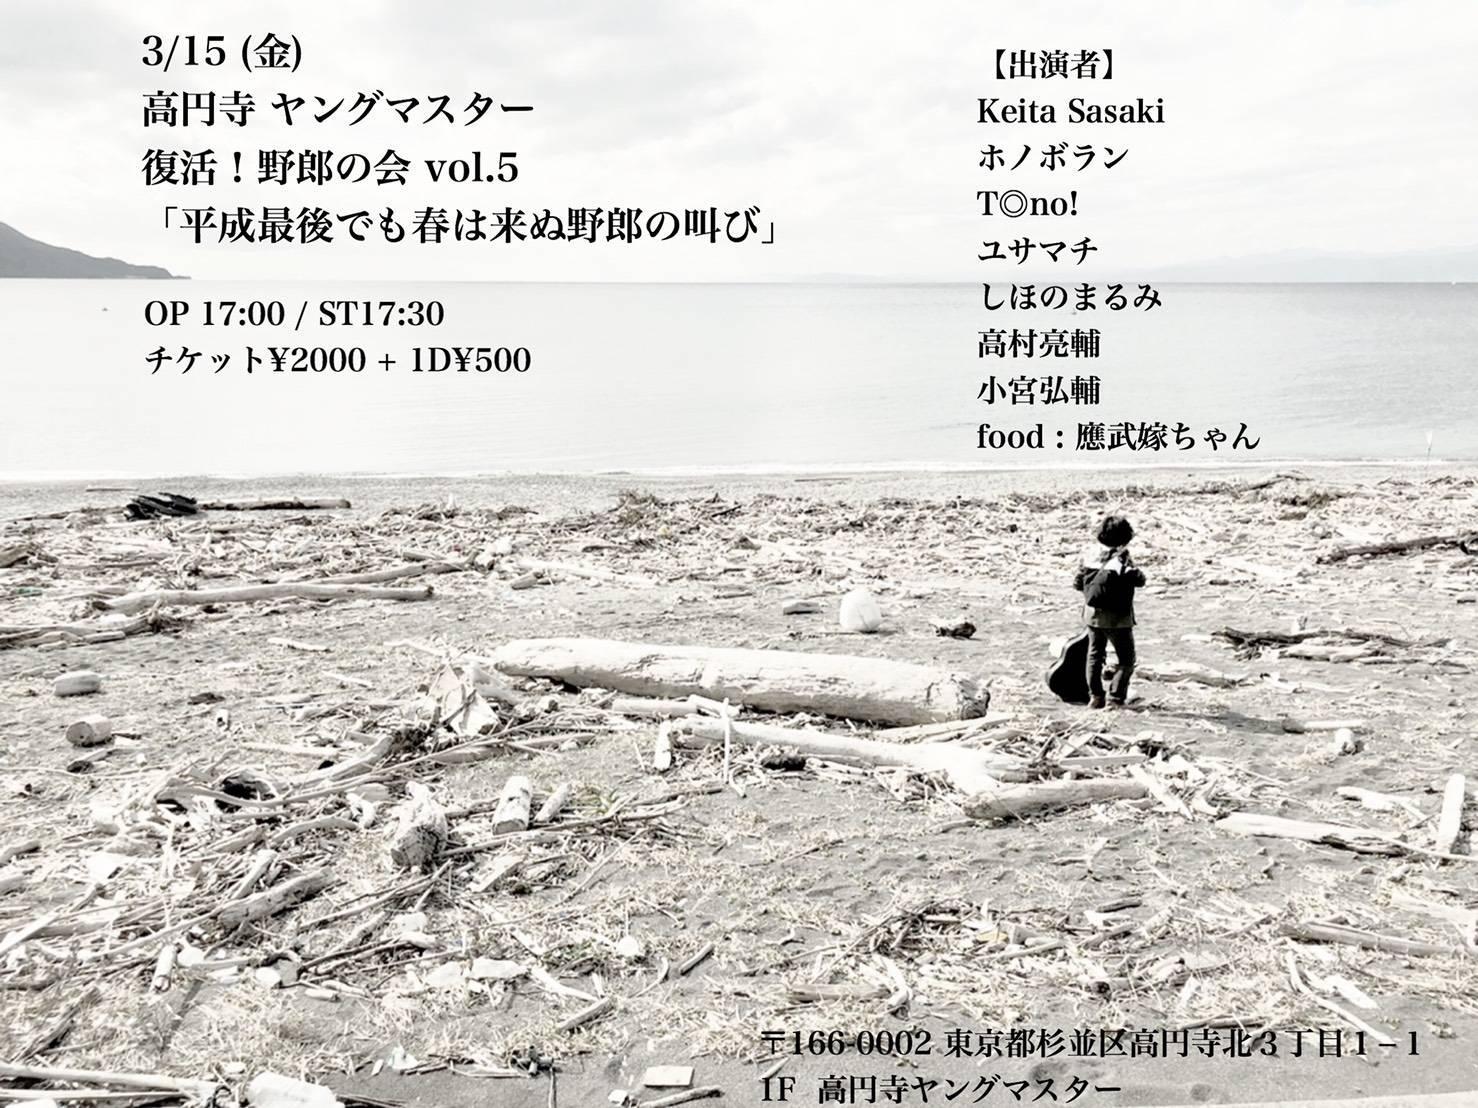 3/15 (金) 高円寺 ヤングマスター 復活!野郎の会 vol.5 「平成最後でも春は来ぬ野郎の叫び」